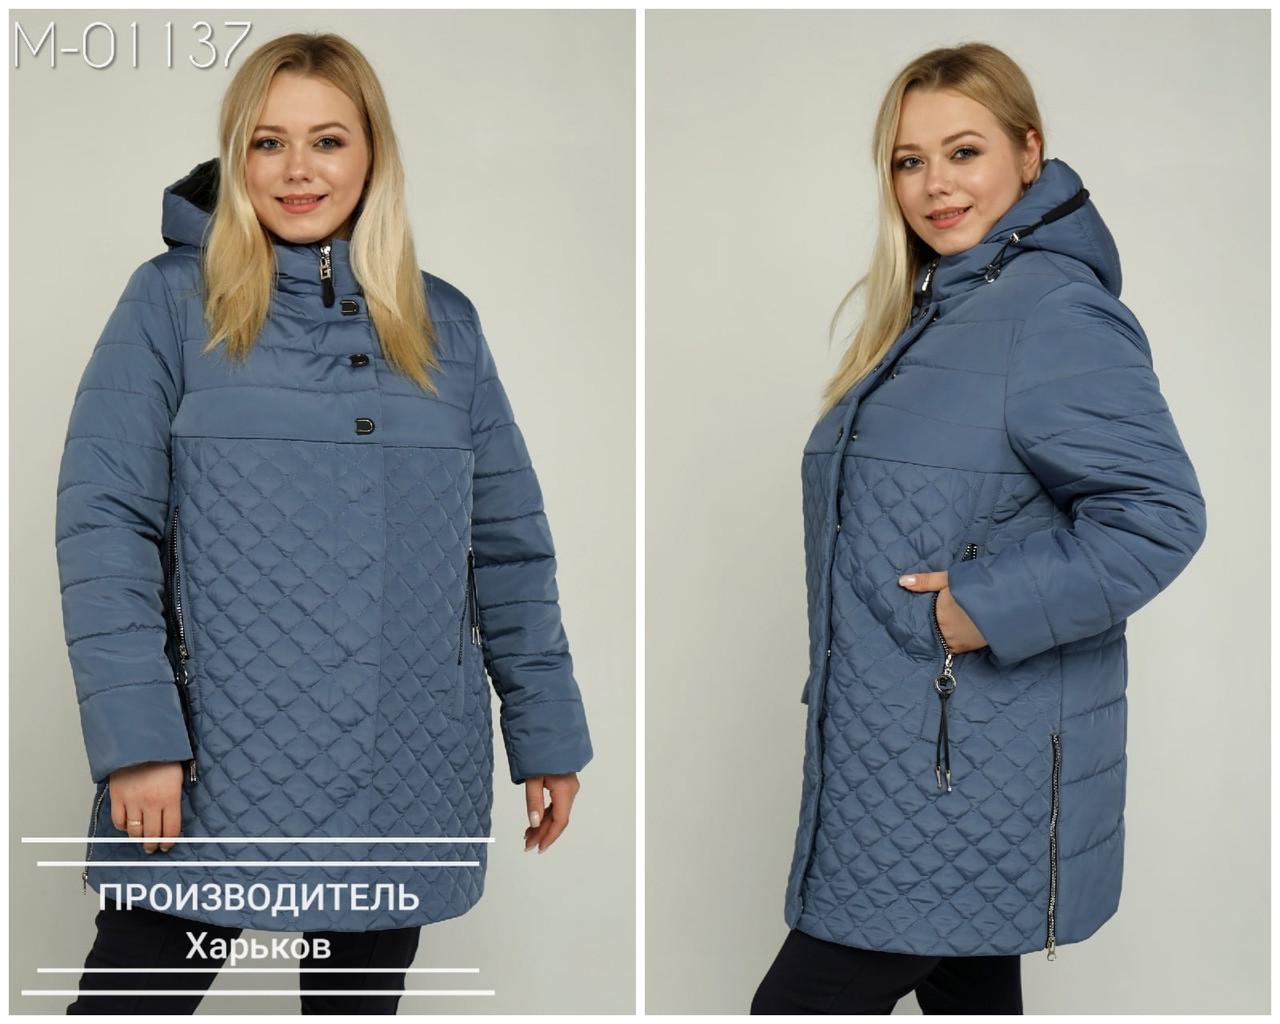 Куртка жіноча демісезонна великого розміру Україна Розміри: 50-52, 54-56, 58-60, 62-64